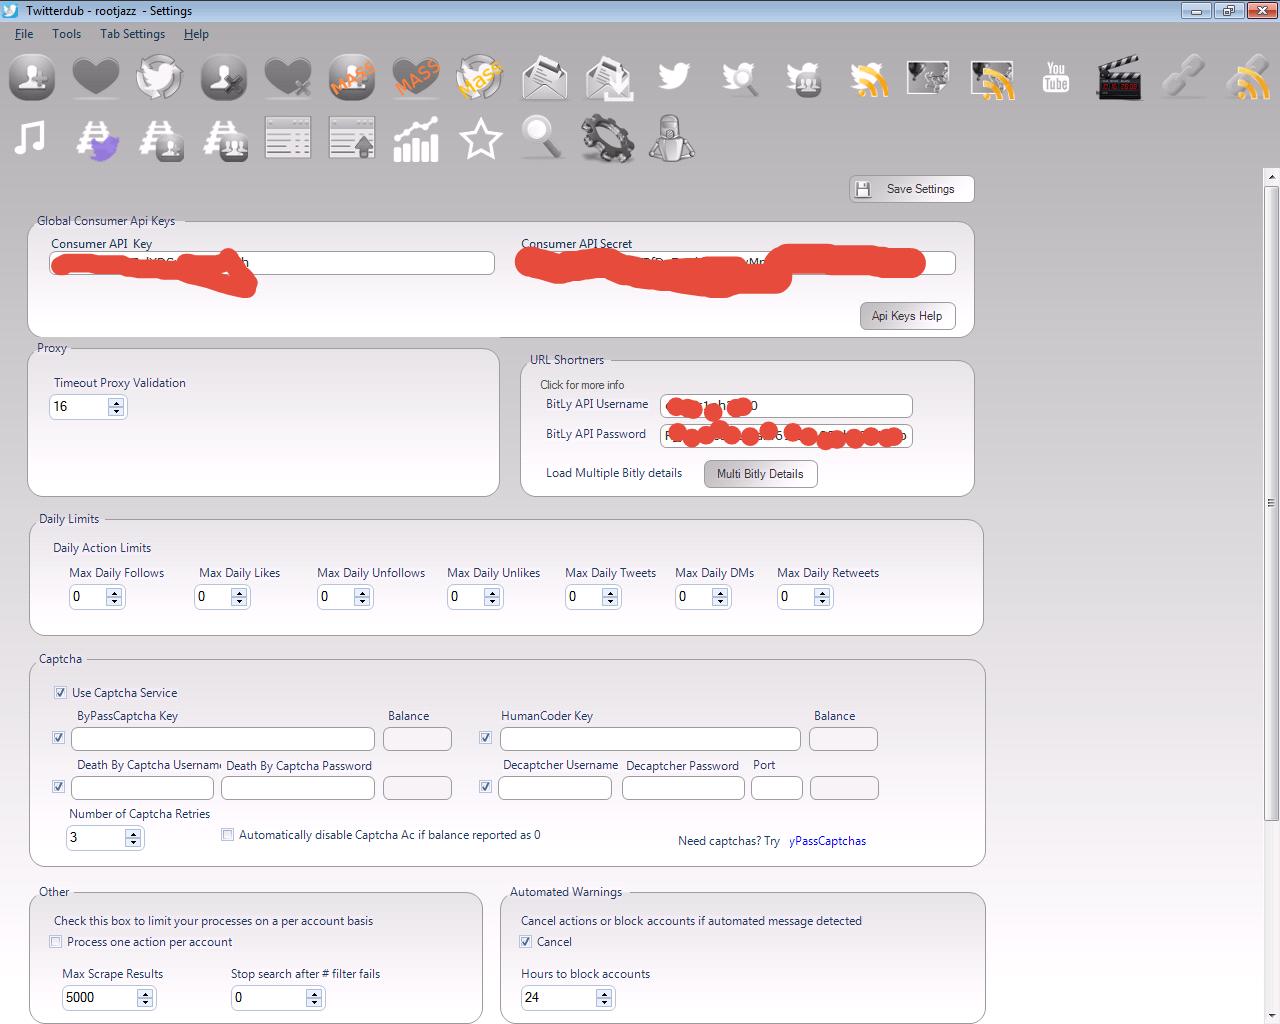 Where or how can I enter the goo gl API keys for ((googl